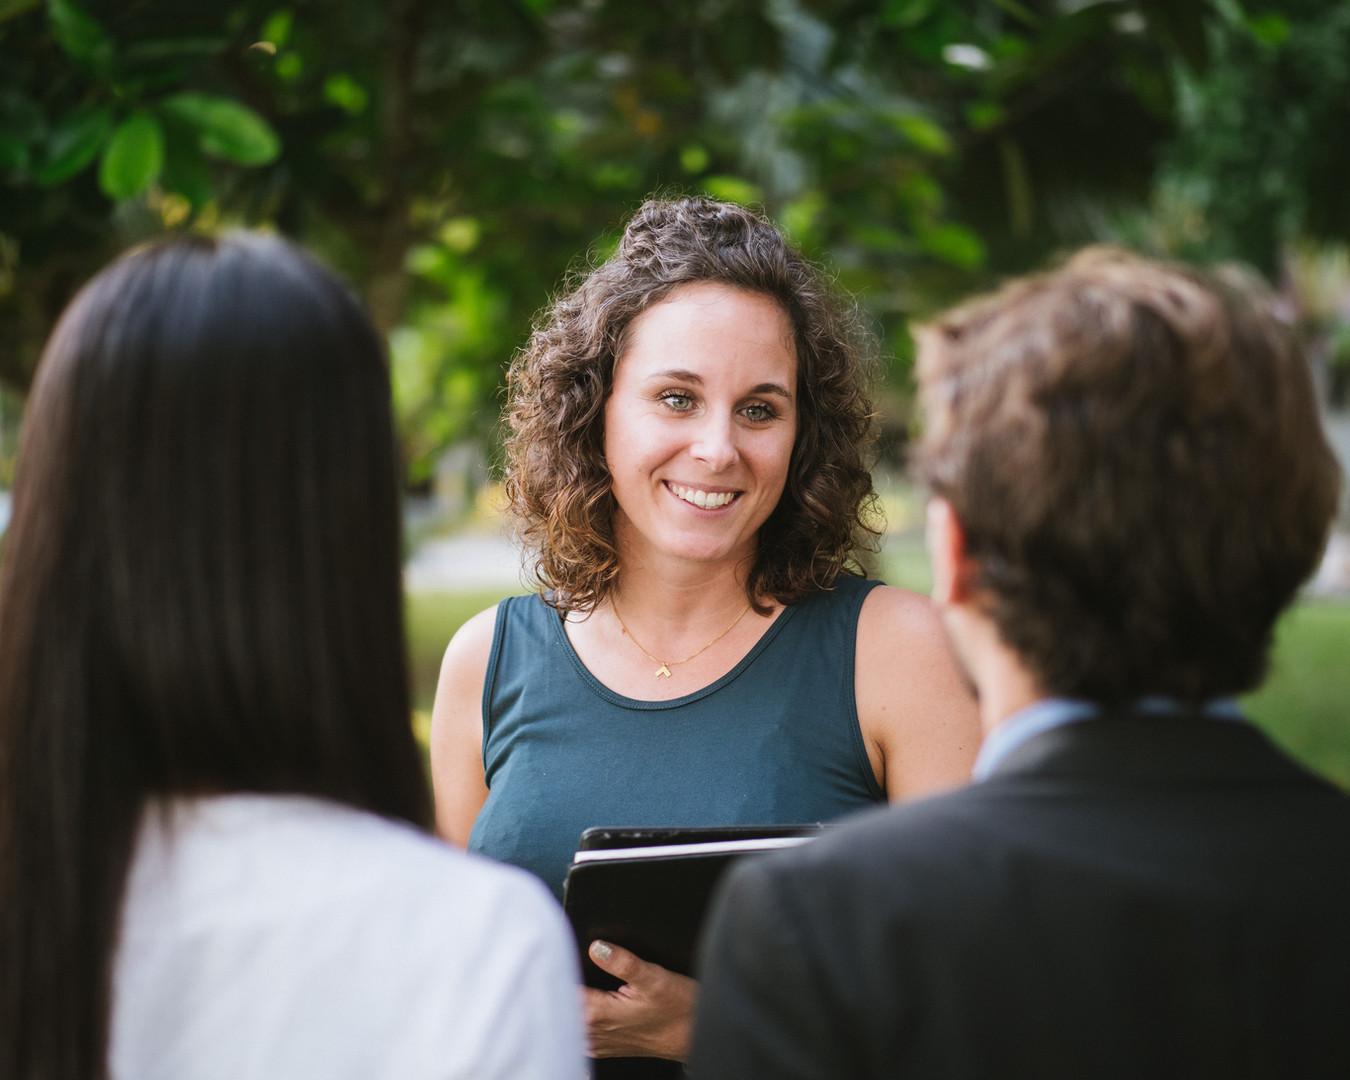 Elisabeth Mandl als Freie Rednerin bei einer Destination Wedding im Herbst 2019 in Thailand.